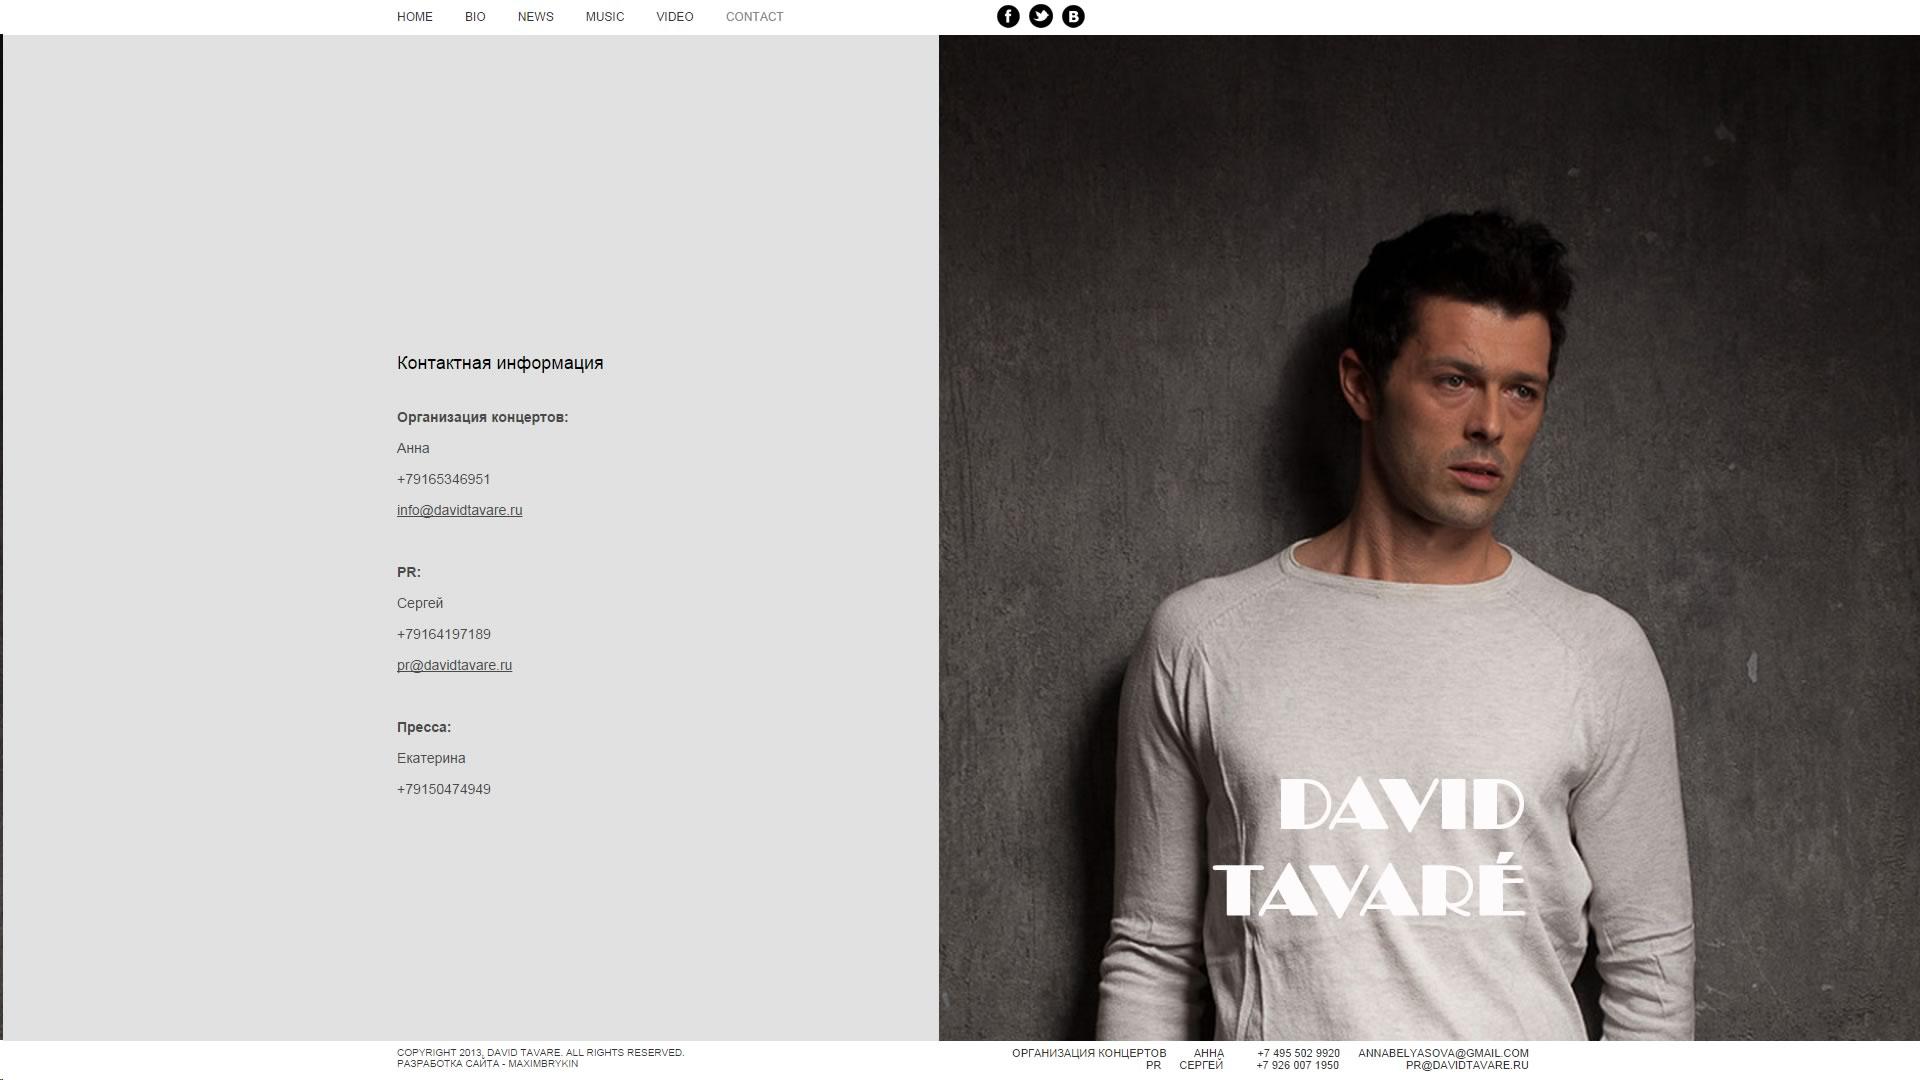 Создание сайта davidtavare.ru (6)